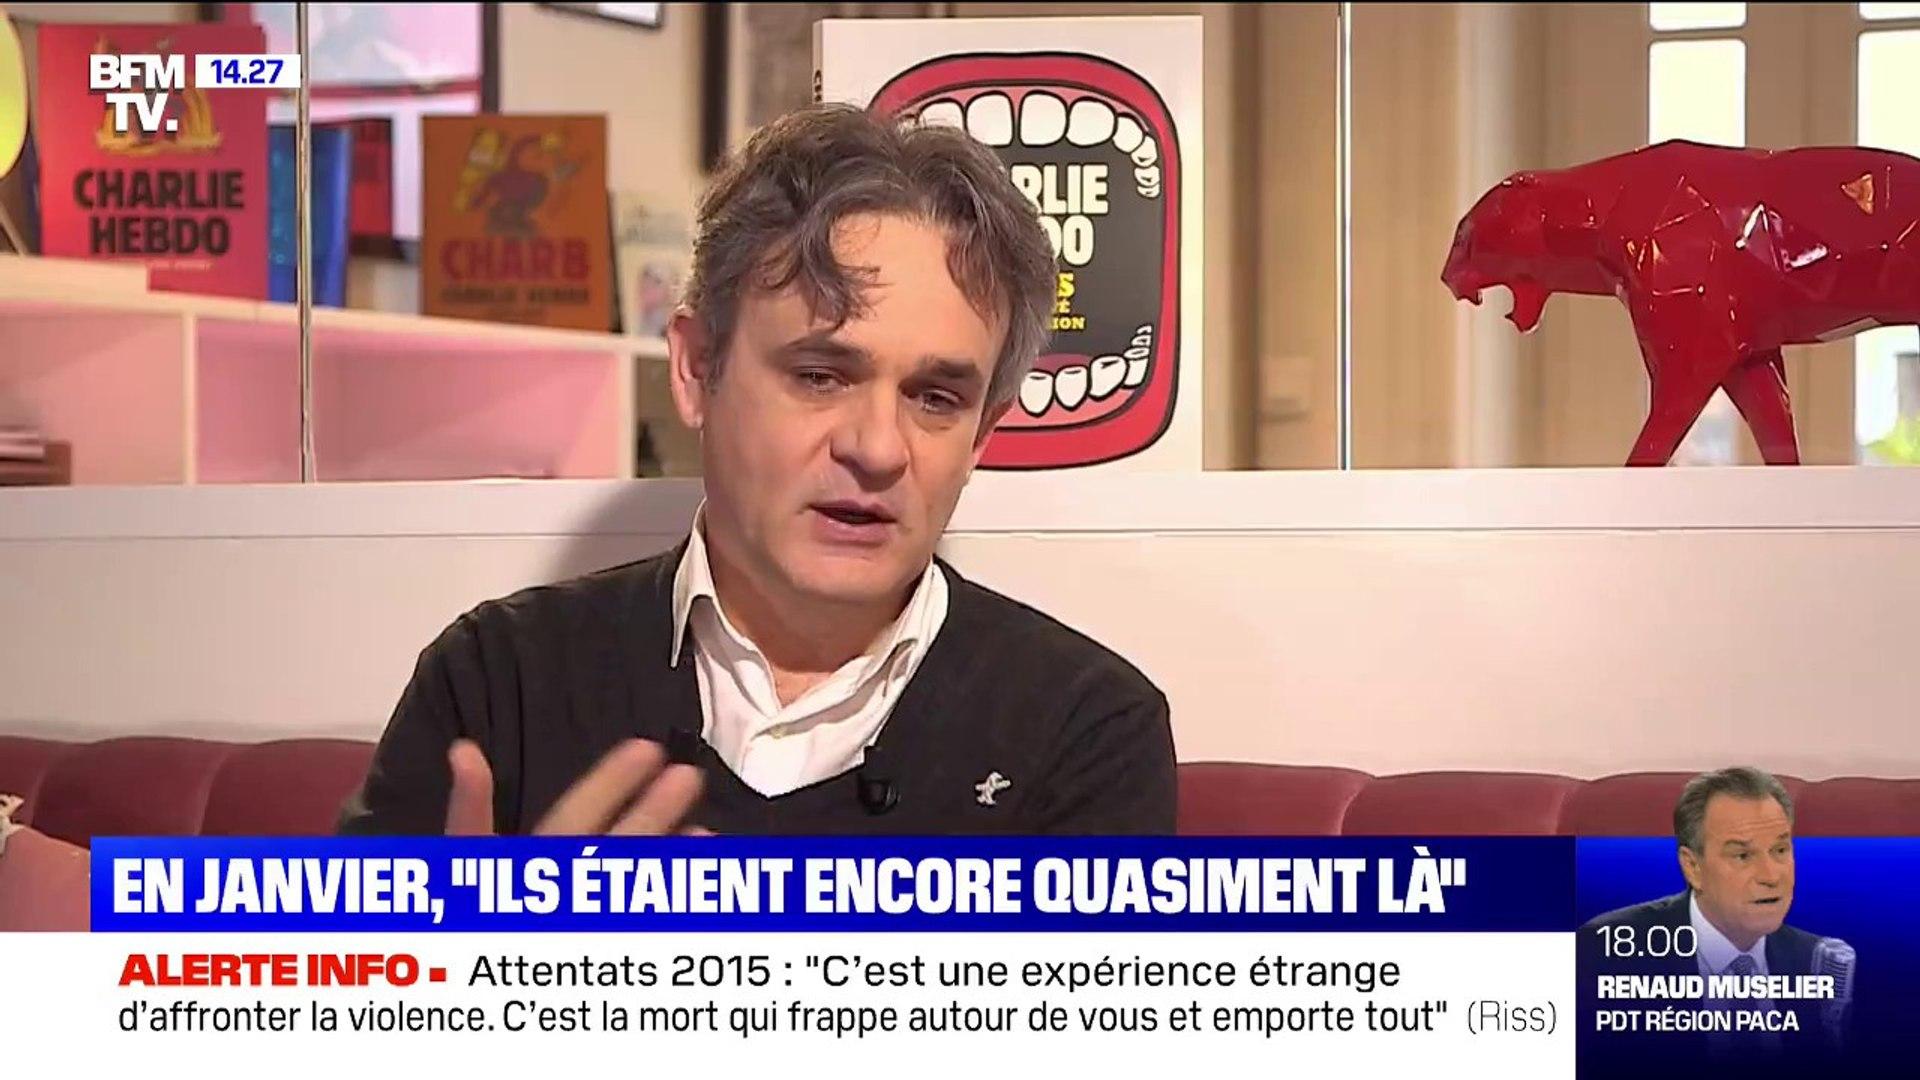 Riss Apres L Attentat De Charlie Hebdo Leur Absence Etait D Une Immense Violence Mais C Etait Comme S Ils Etaient Encore La Video Dailymotion